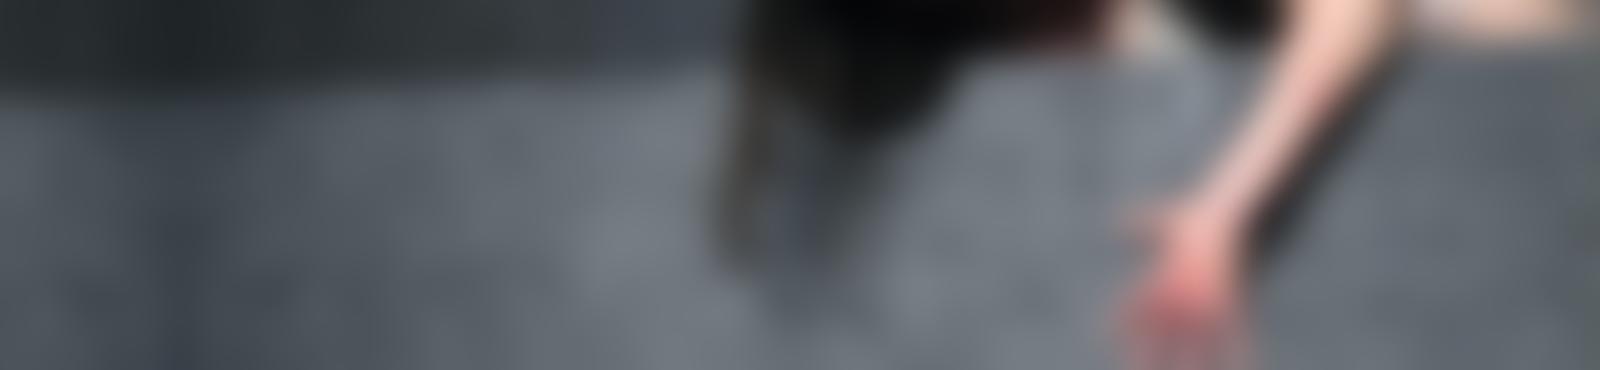 Blurred b35dca59 fc12 405b 93eb 6ccf7222a0b1